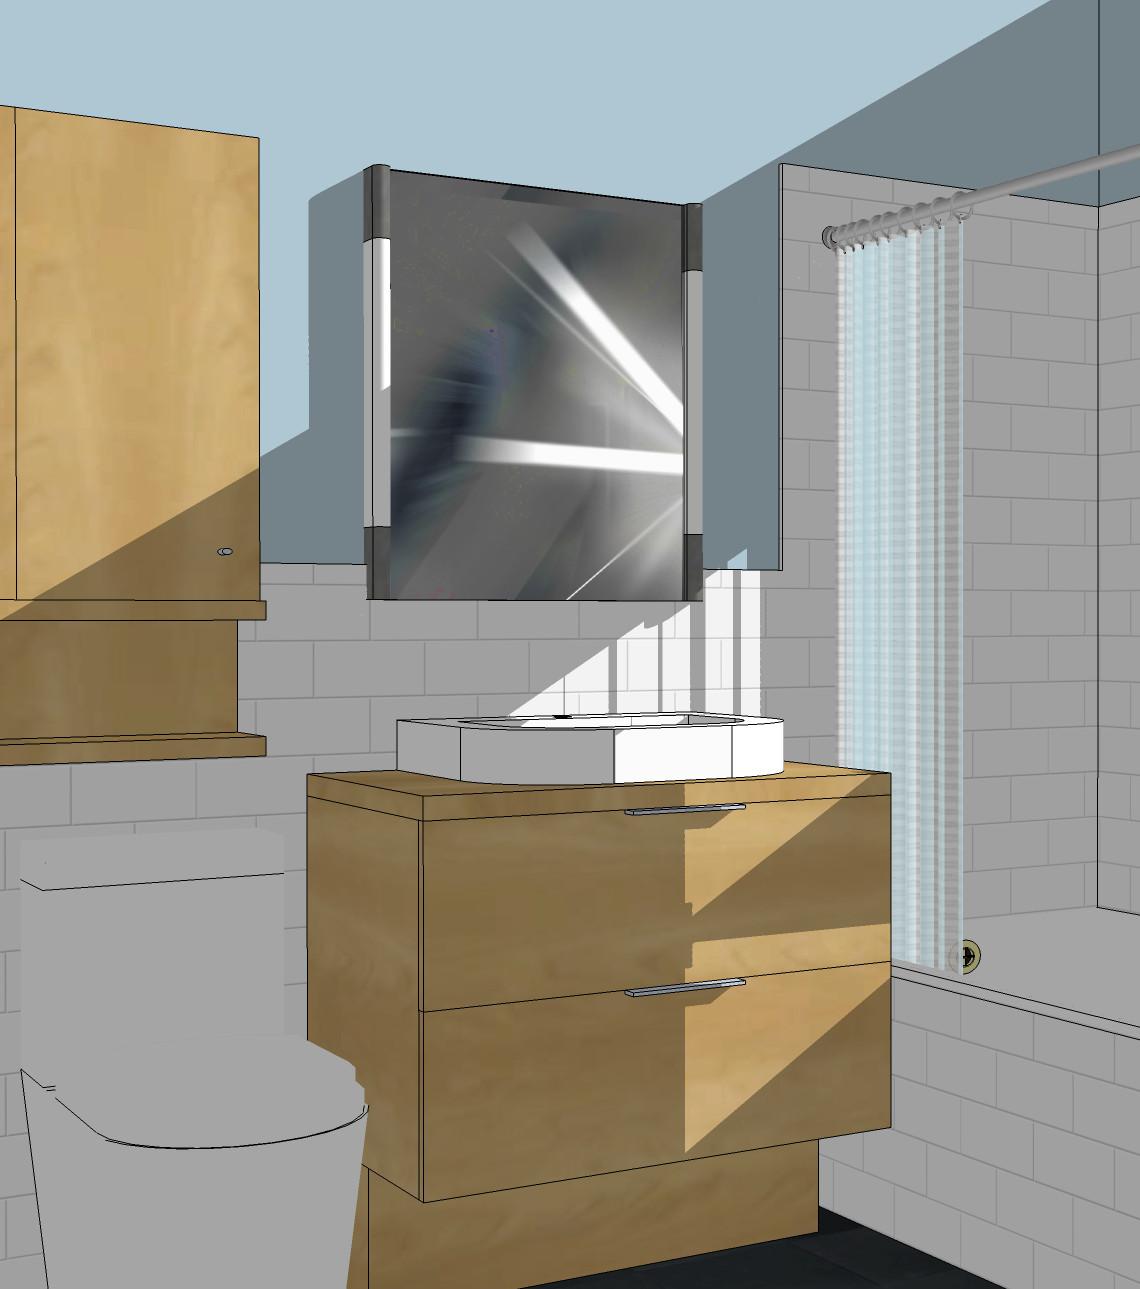 Chicago Bungalow Bath Remodel - 3D